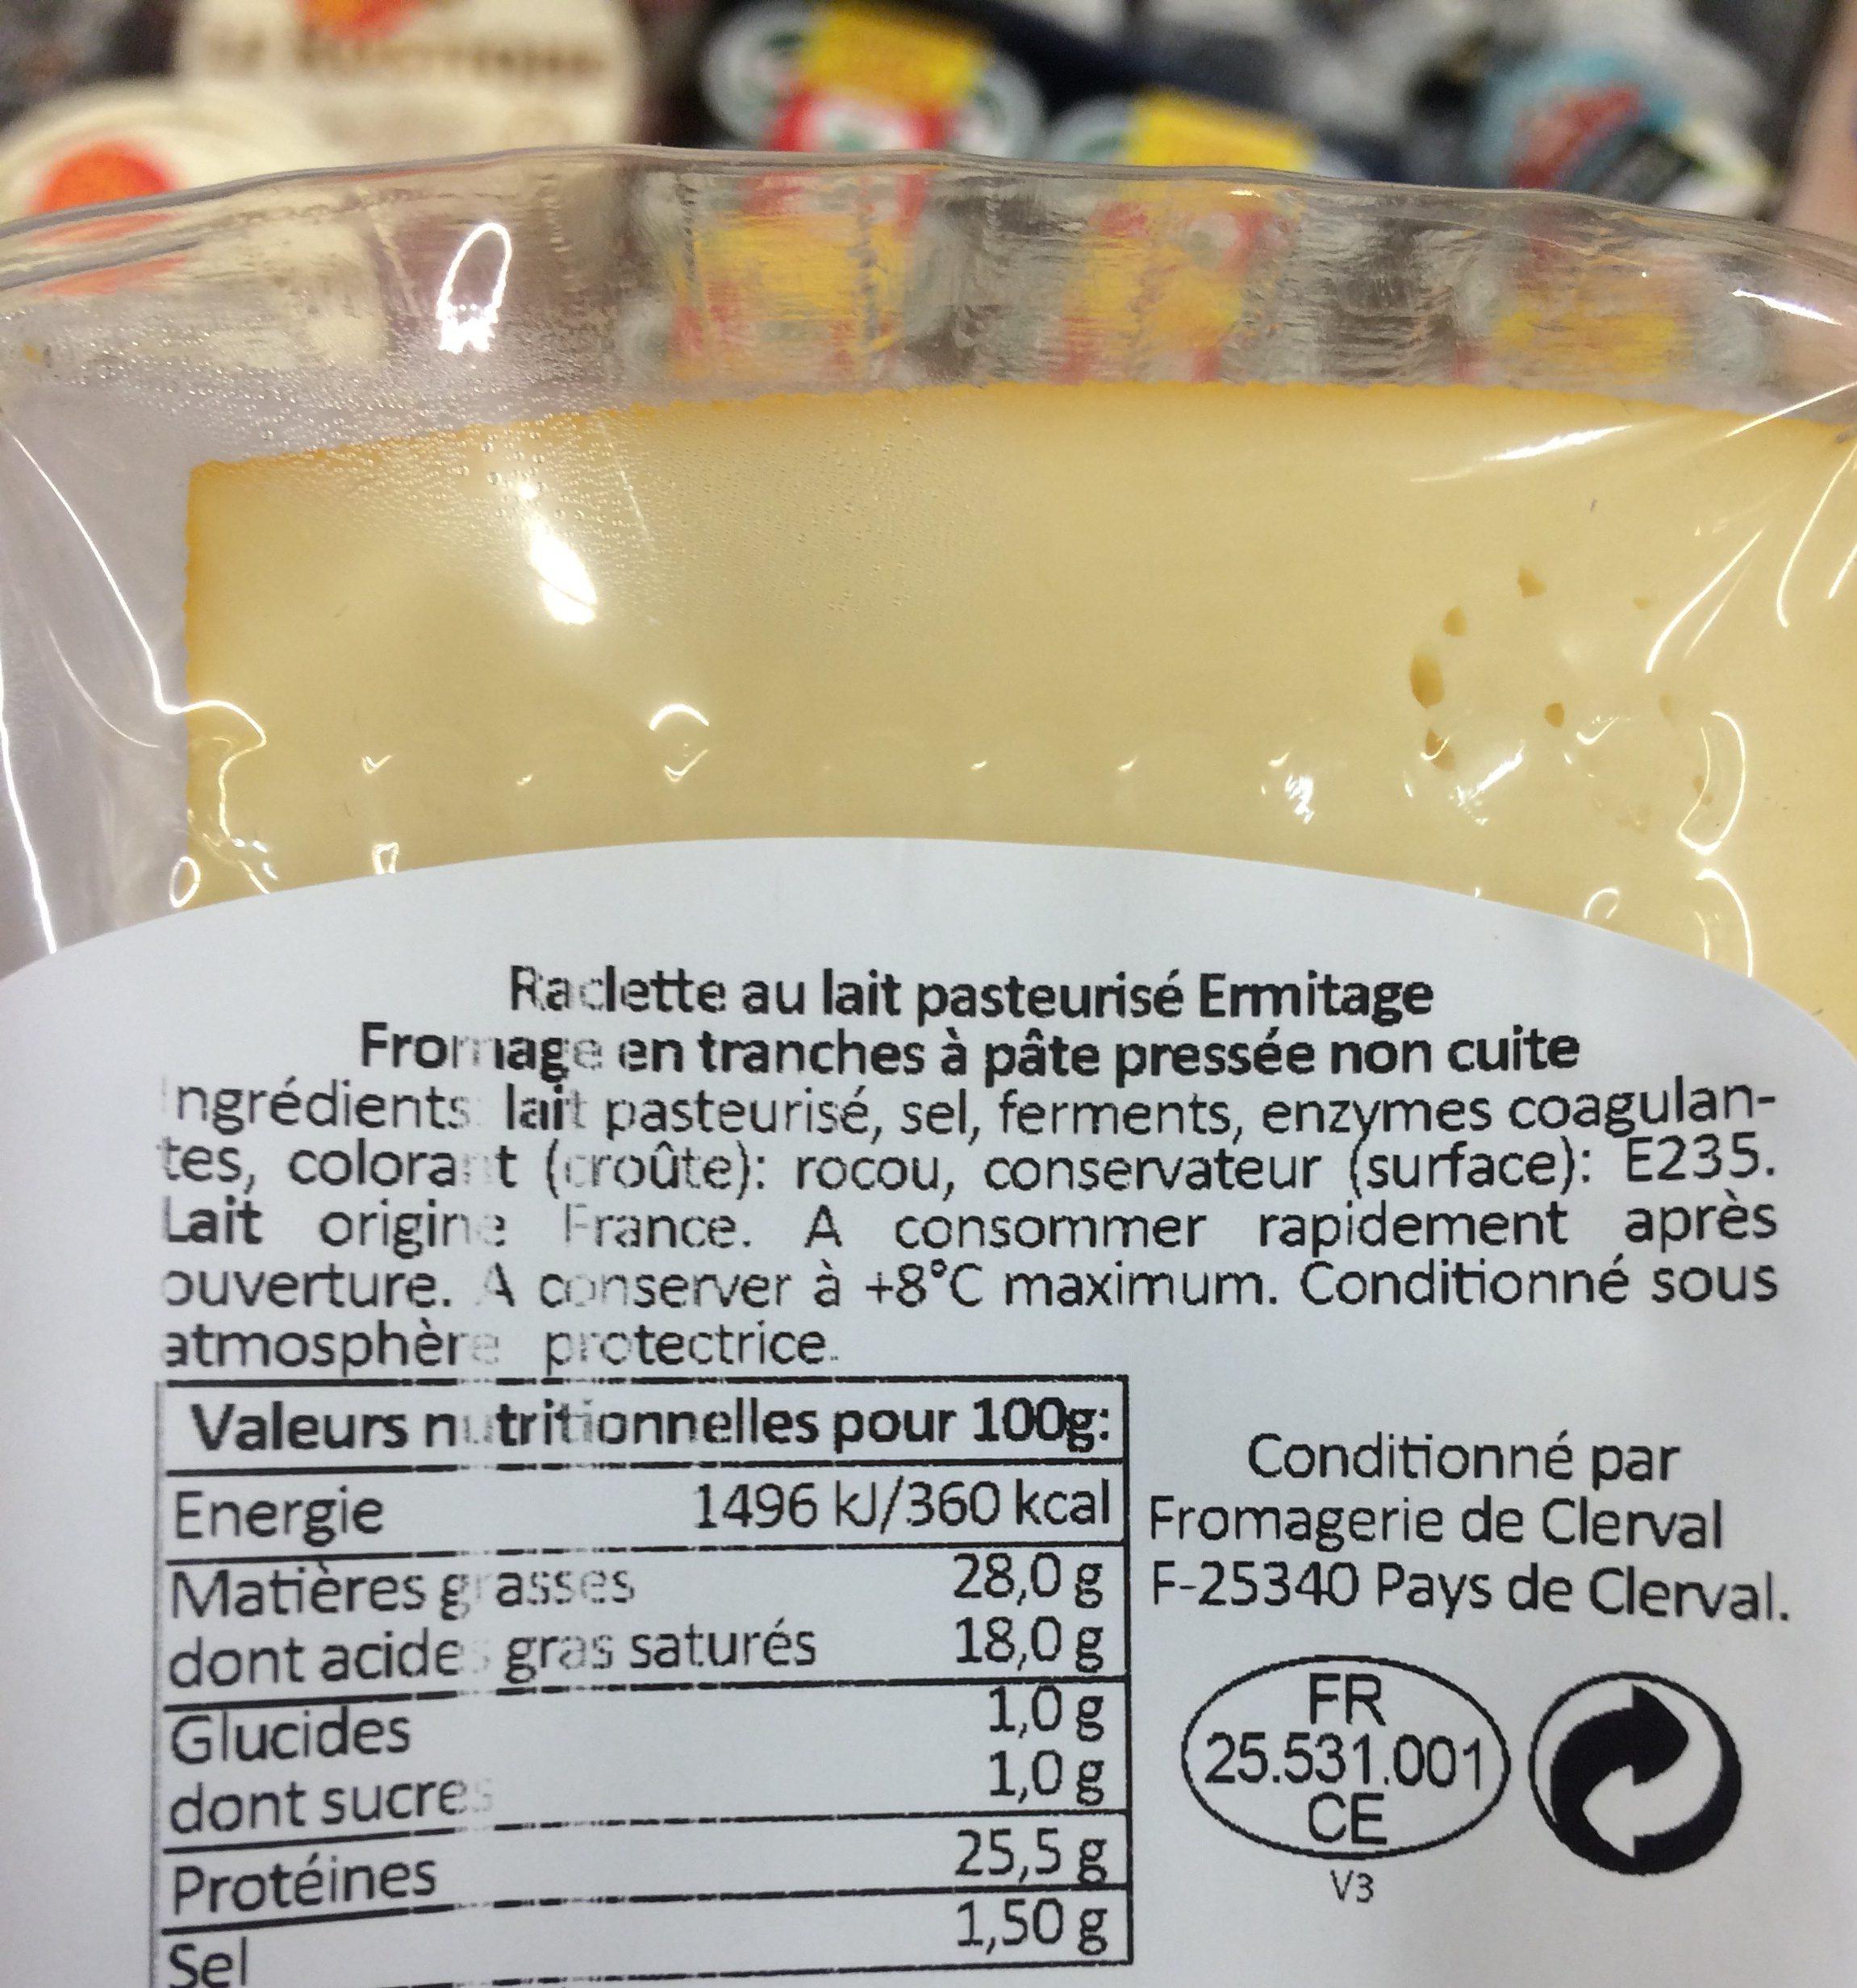 Raclette de Franche Comte au lait cru tranchee ERMITAGE, 27%MG - Ingrédients - fr